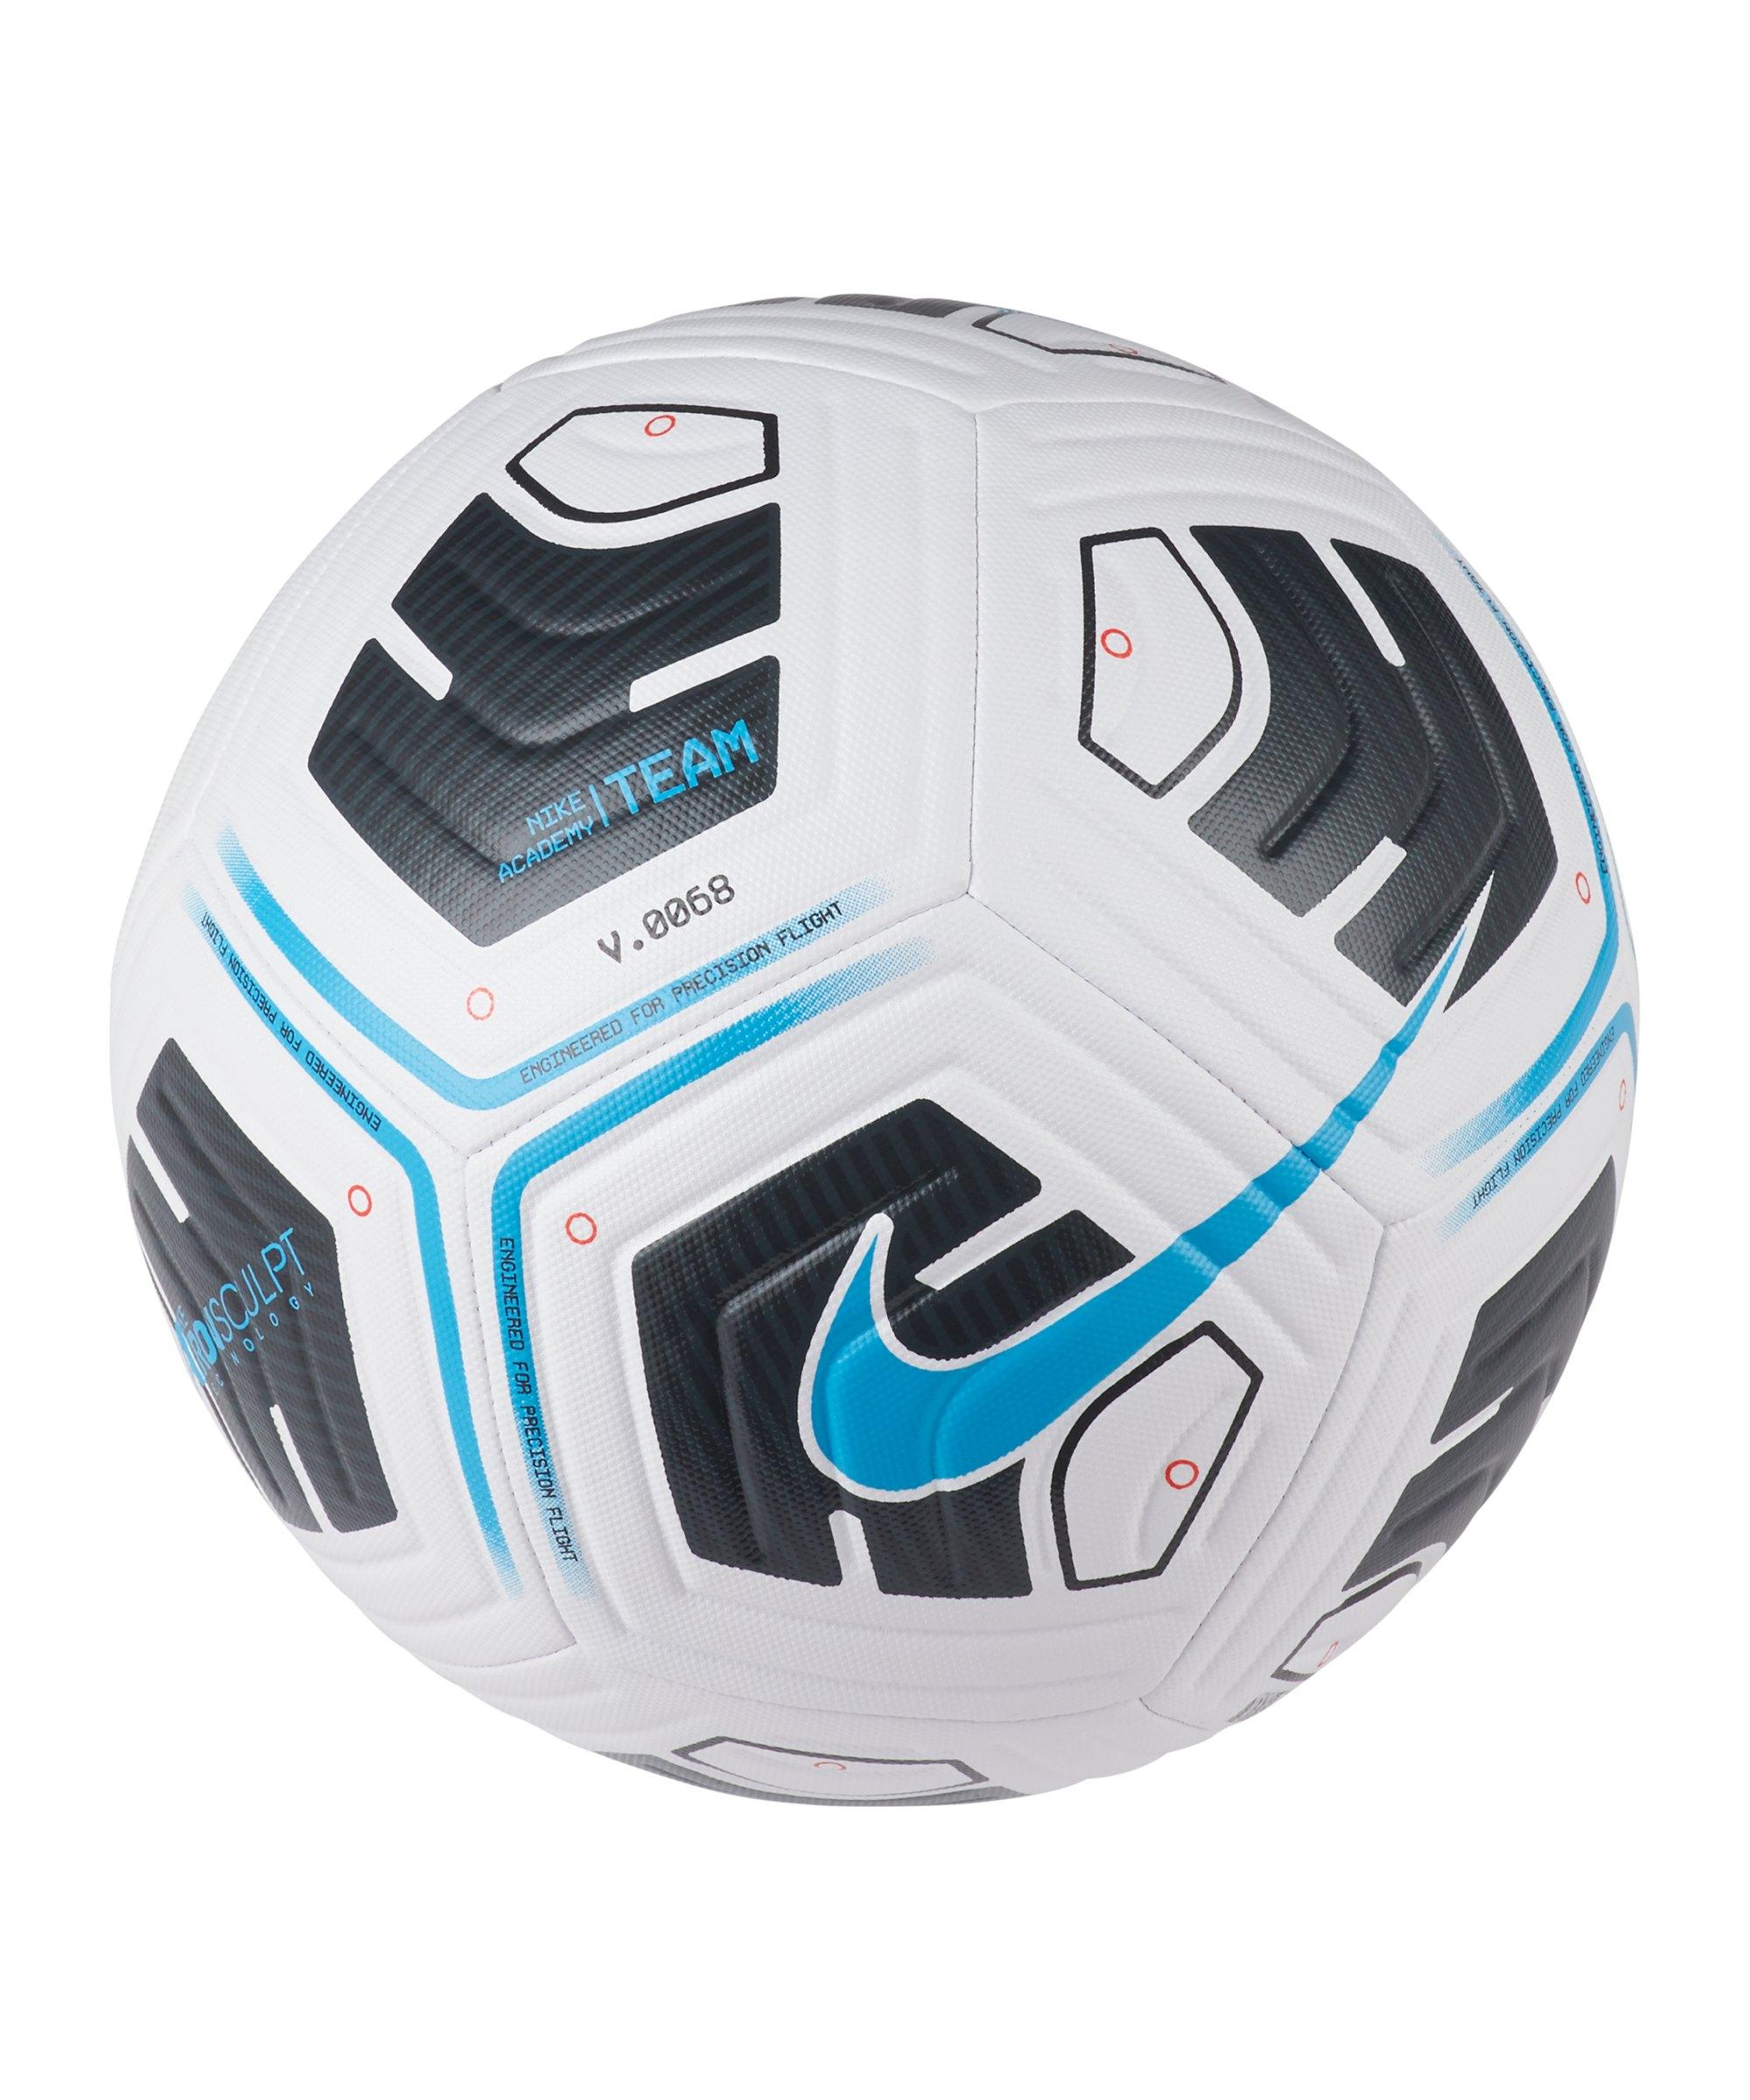 Nike Academy Team Trainingsball Weiss Blau F102 - weiss